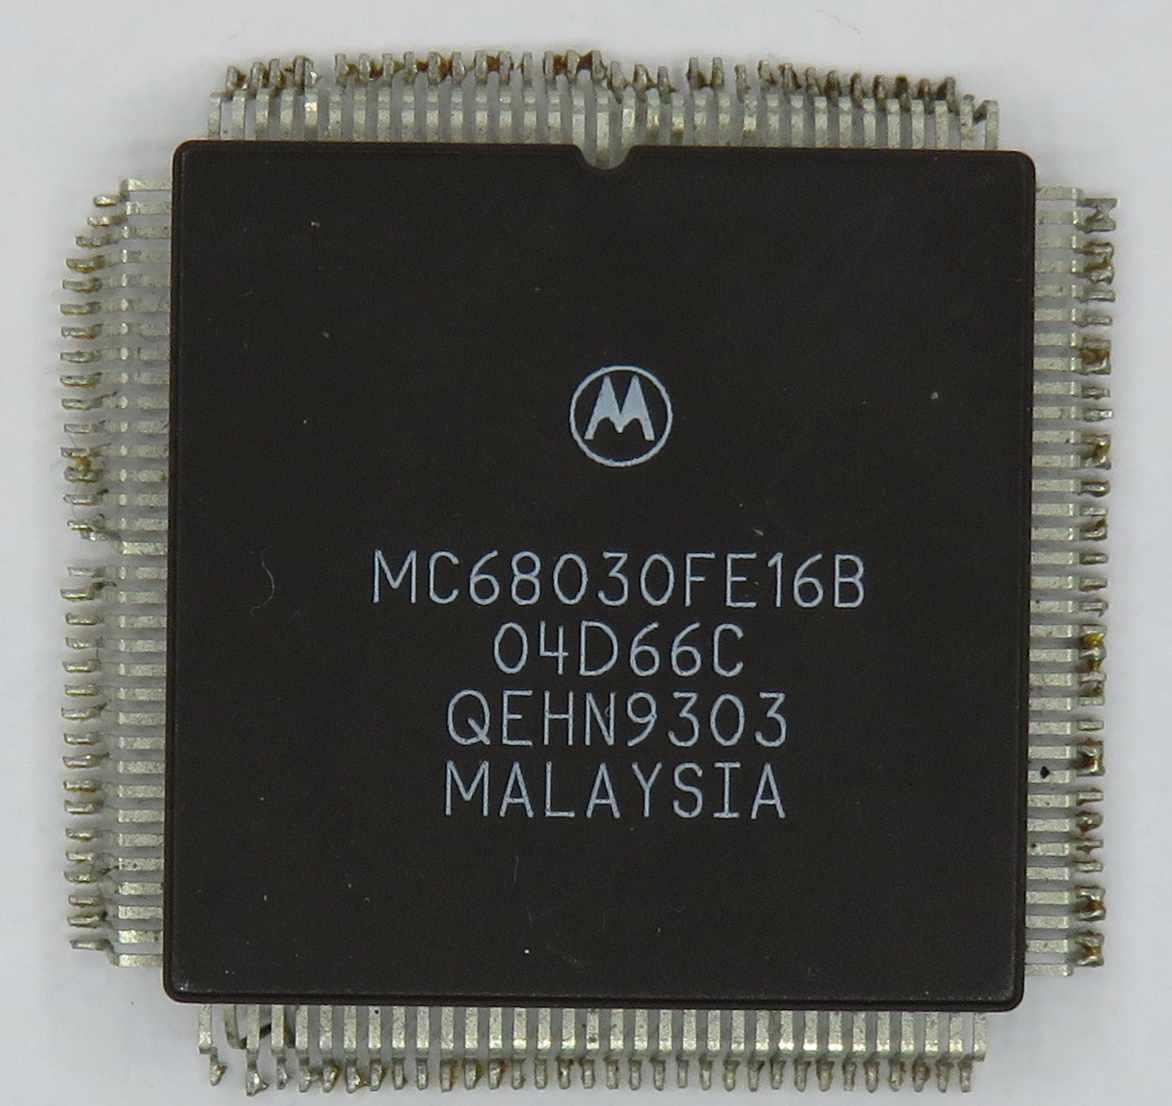 MC68030FE16B.jpg